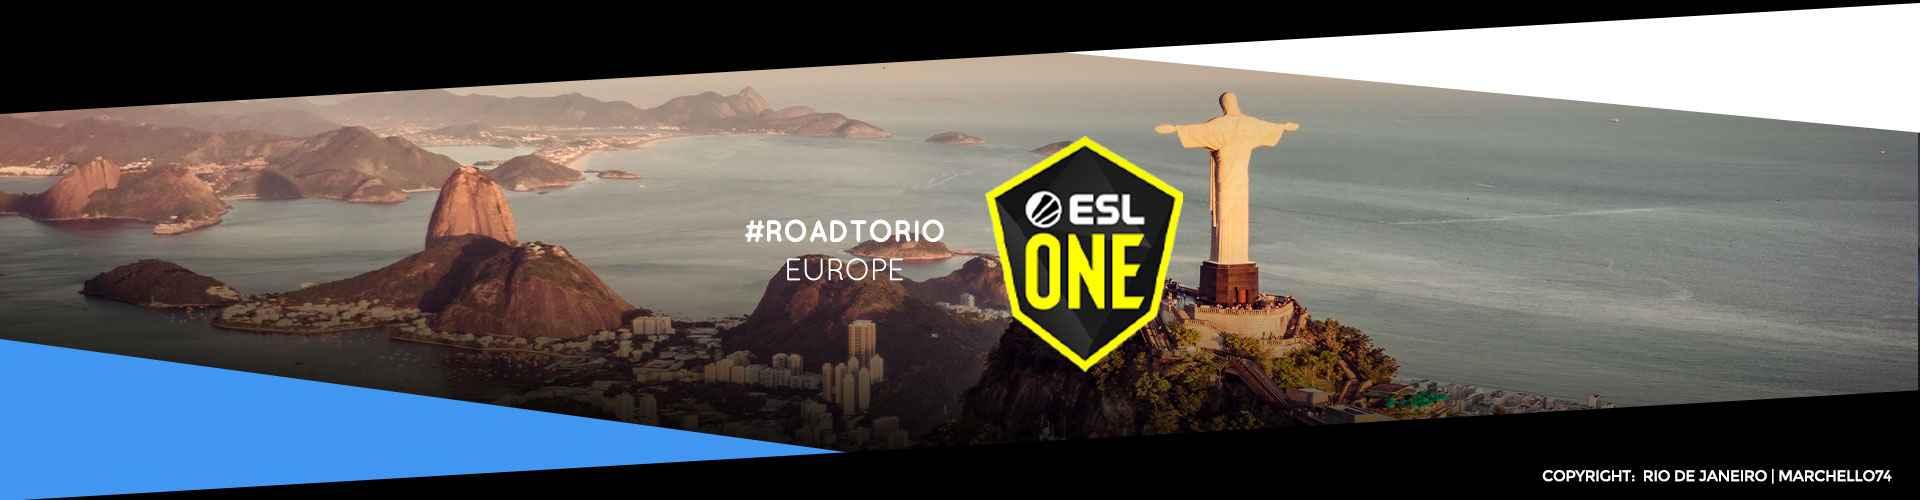 Eventsida för europas ESL One: Road to Rio